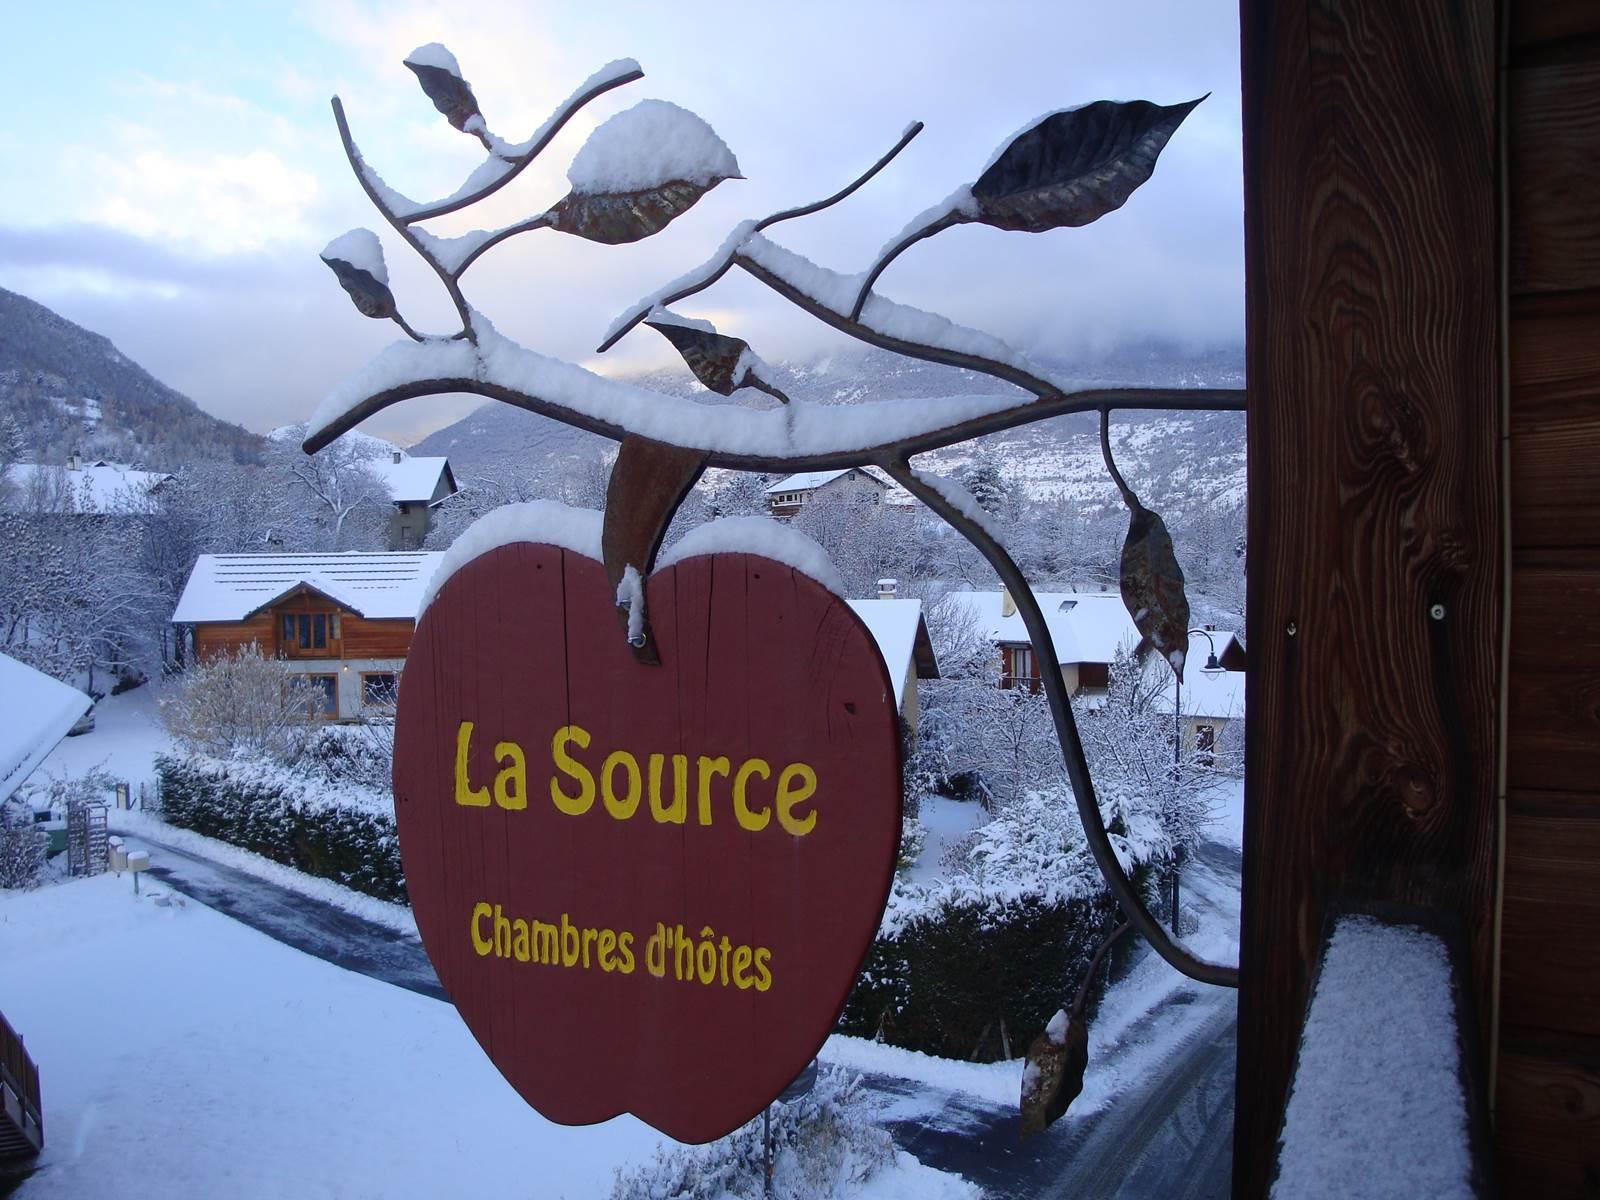 Chambres d'hôtes La Source, Risoul